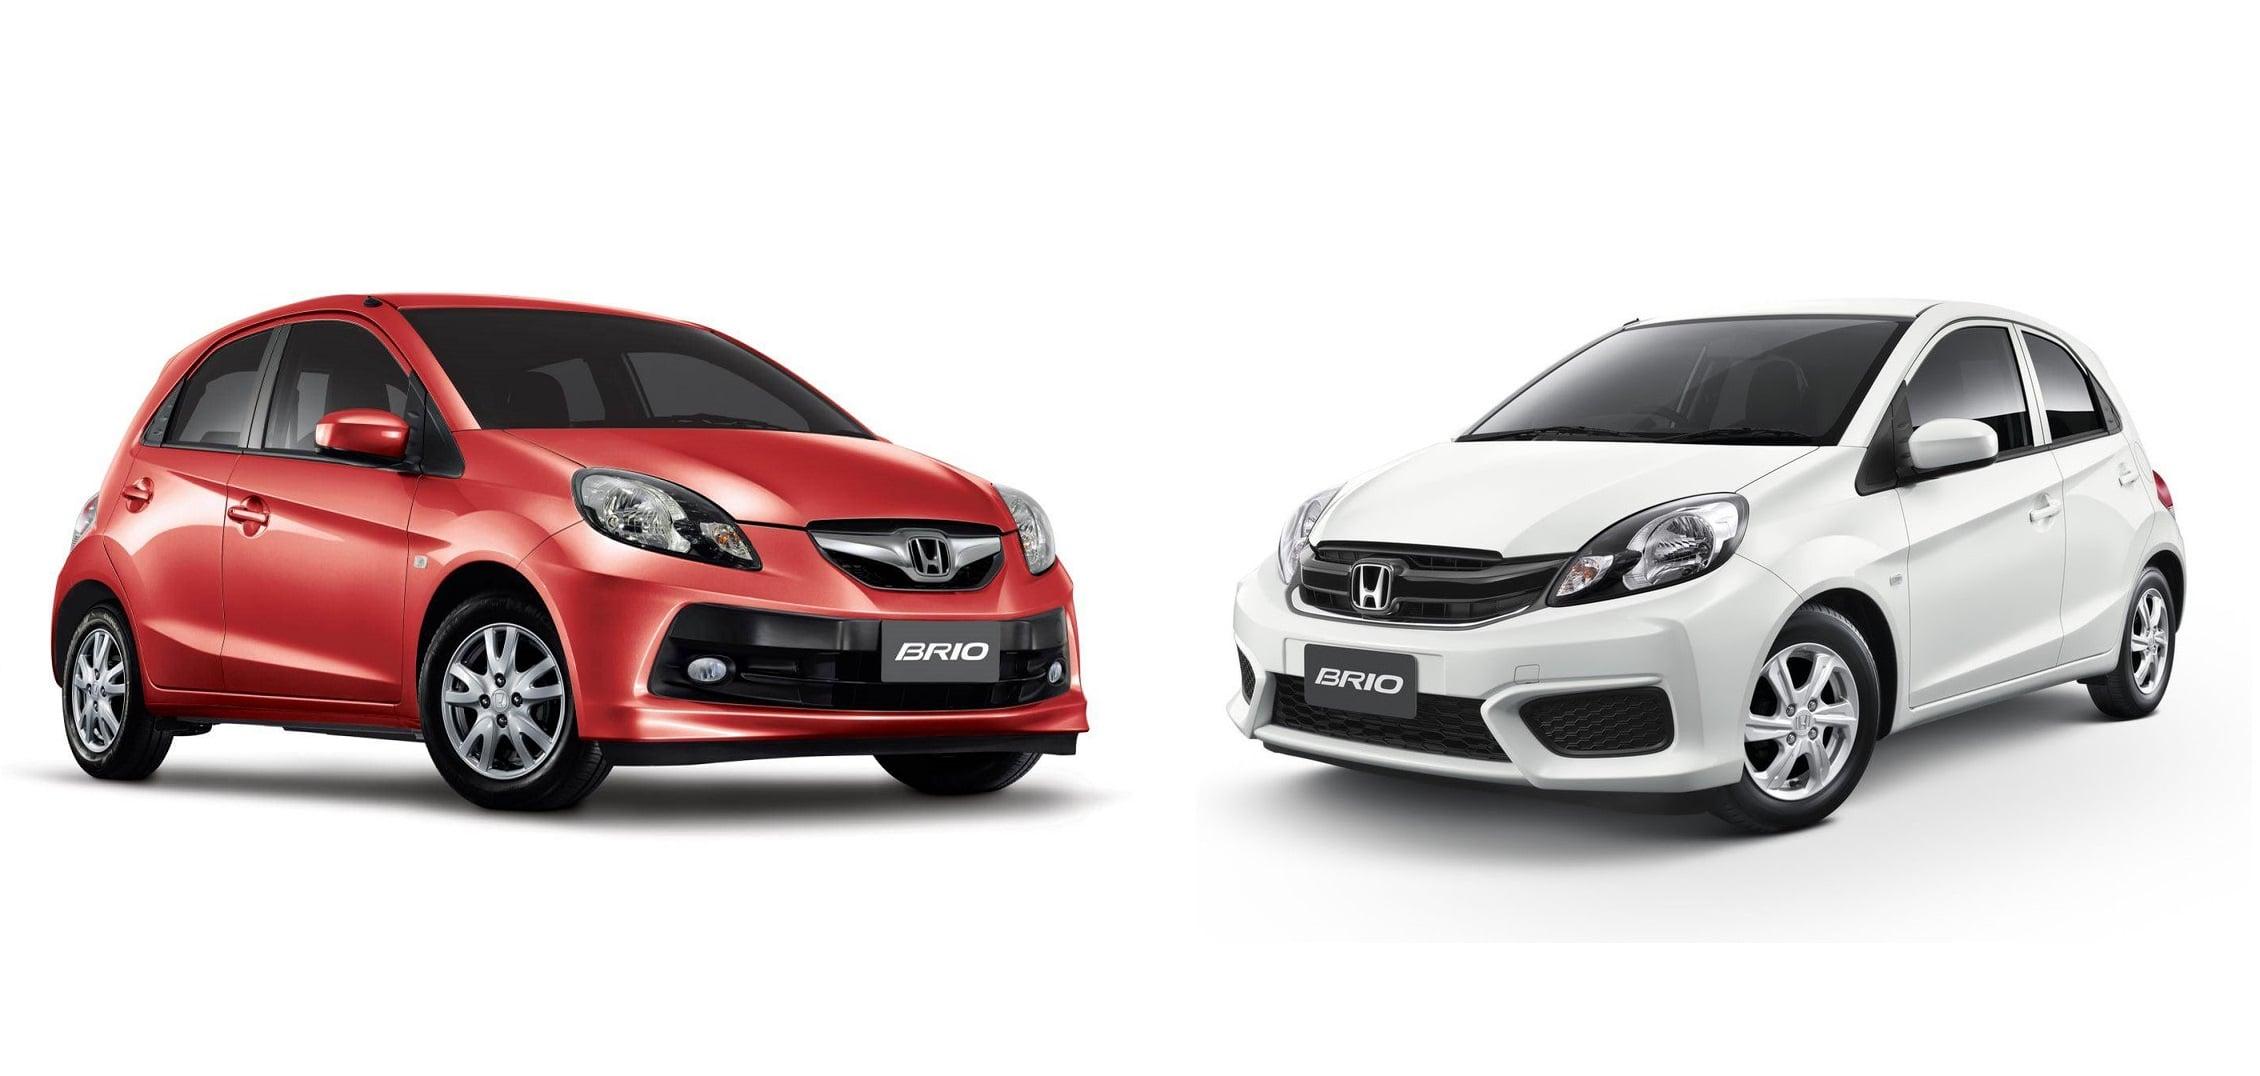 Honda Brio Old Vs New Model- Comparison Review Of Price